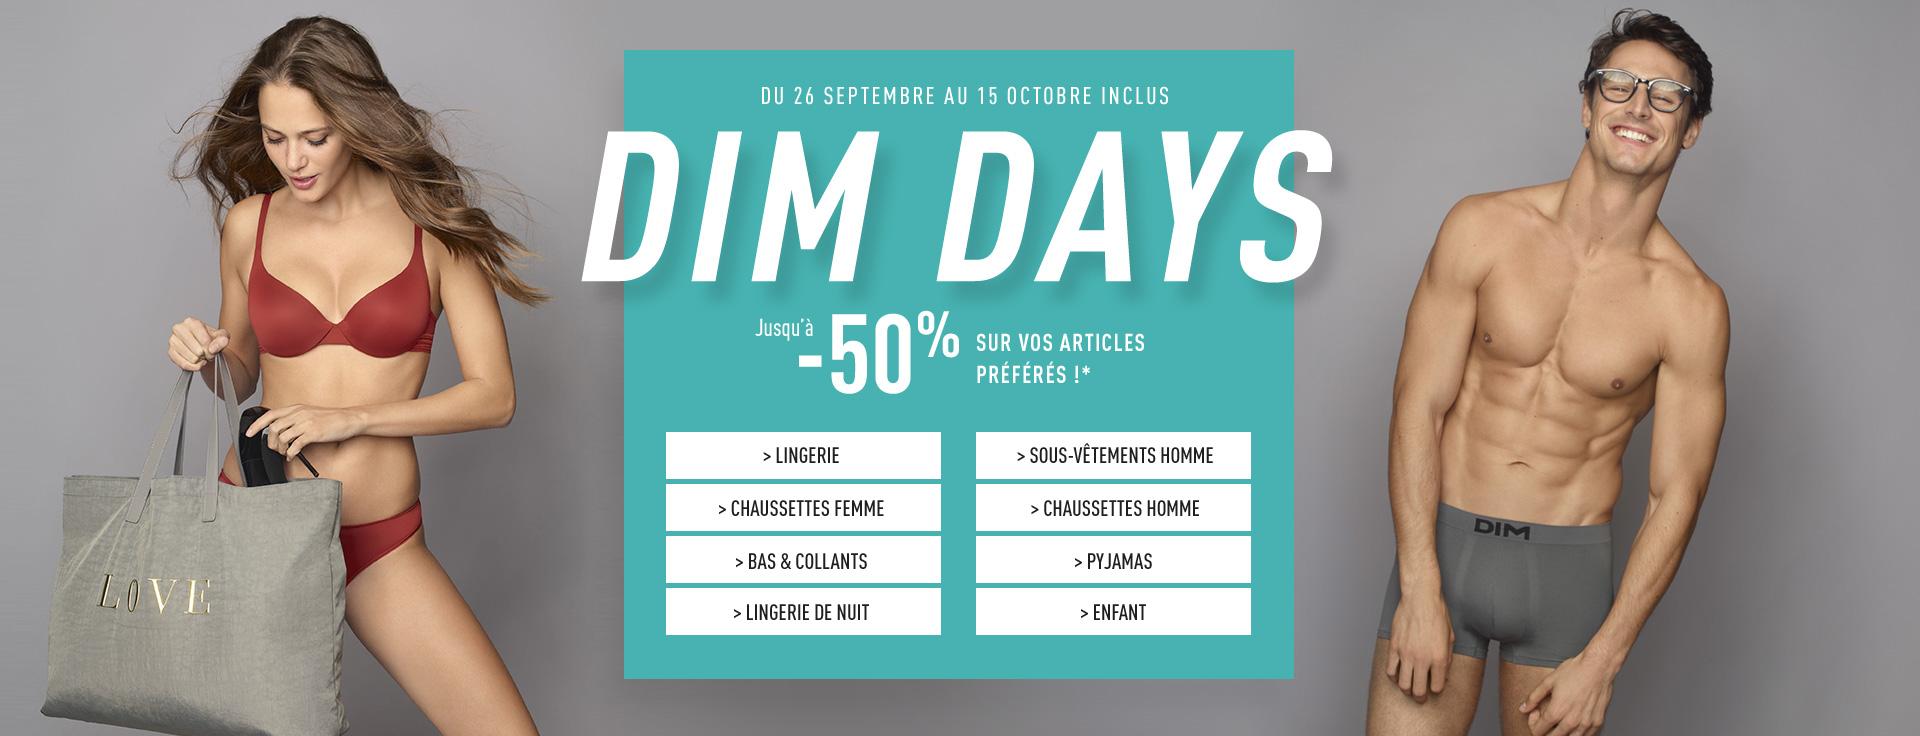 Dim Days - Jusqu'à -50% sur vos articles préférés !*